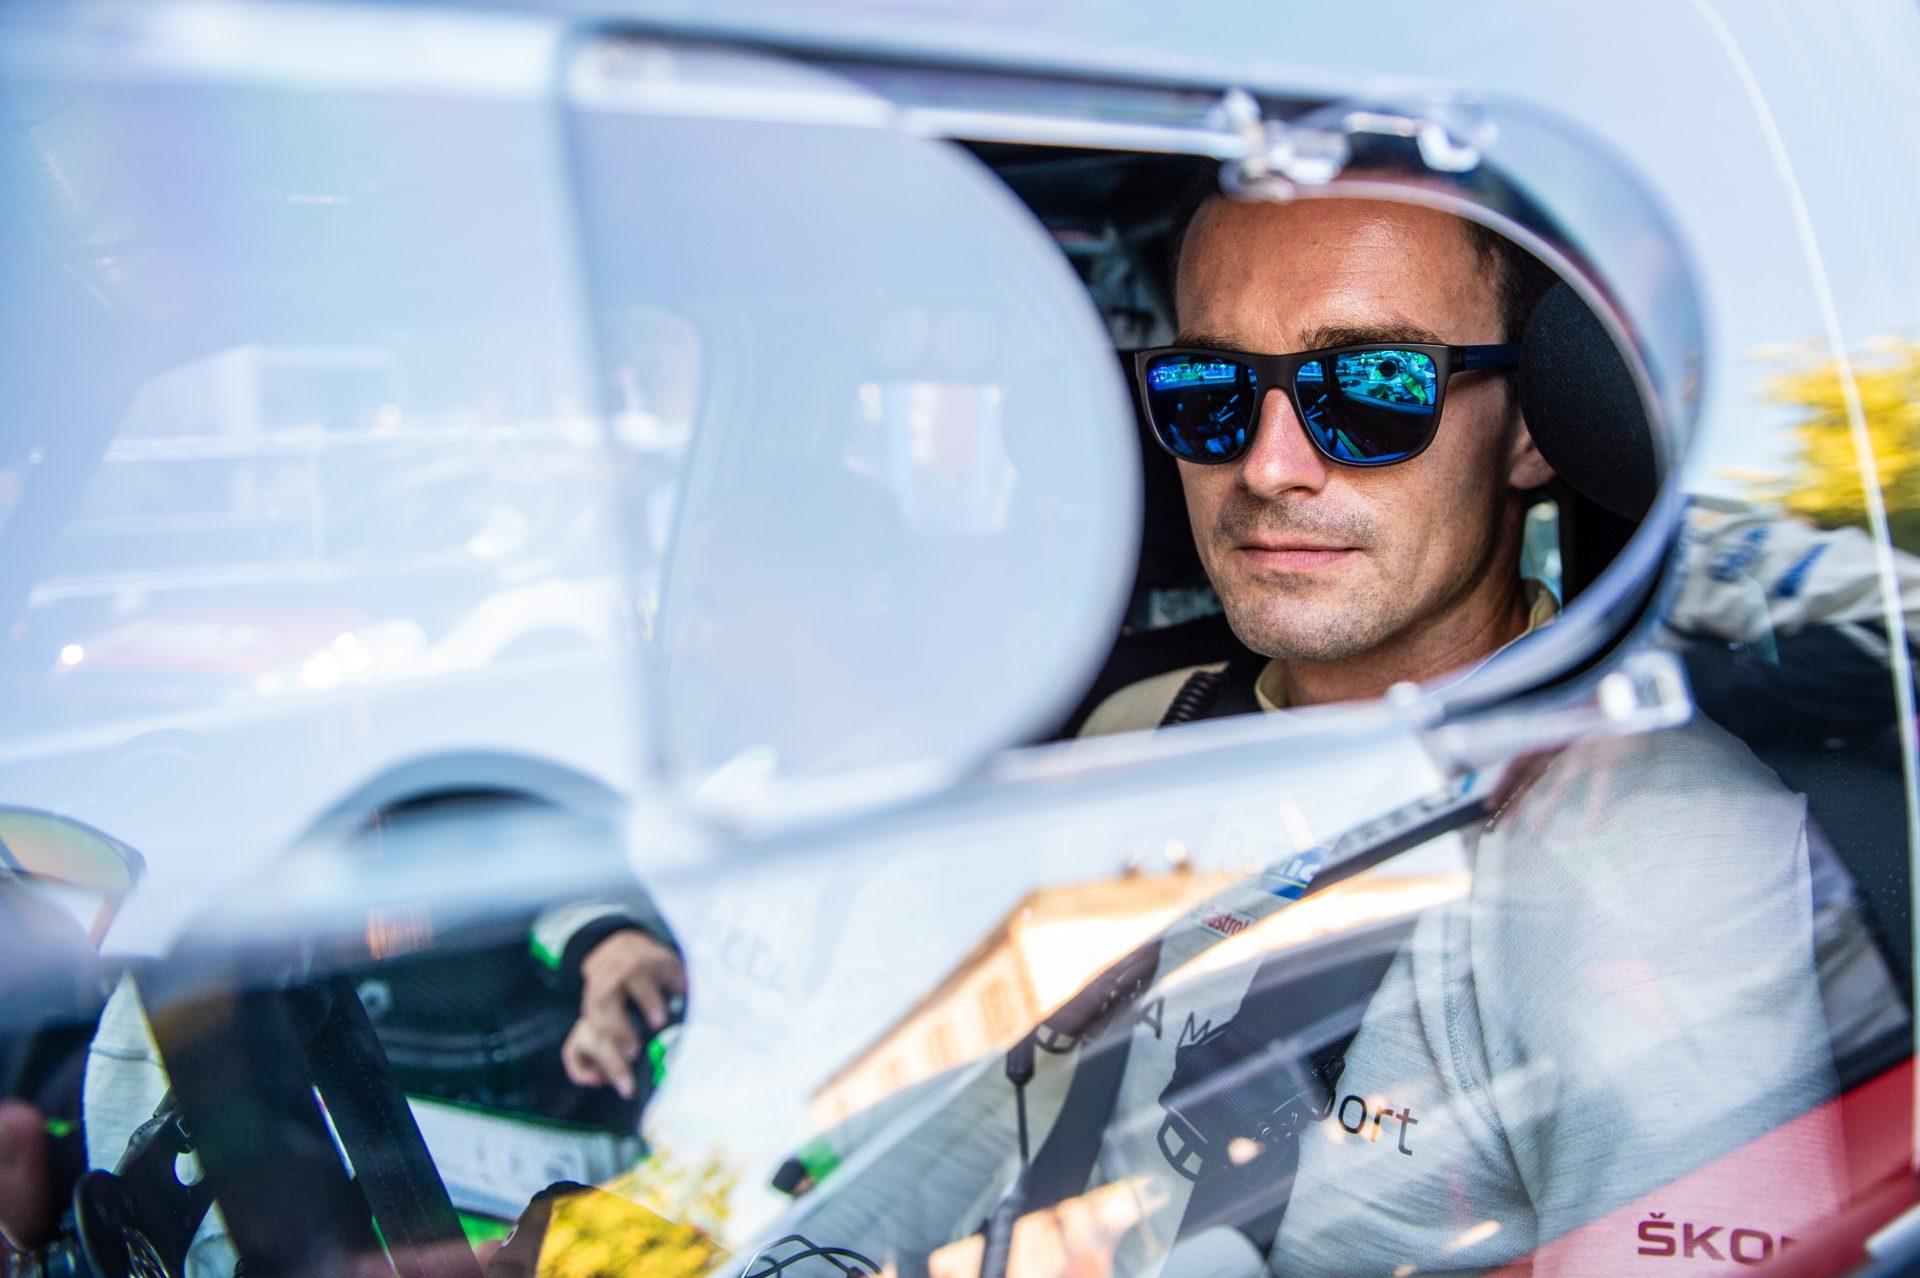 Co si Jan Kopecký myslí o uplynulé Rallye Deutschland 2018?